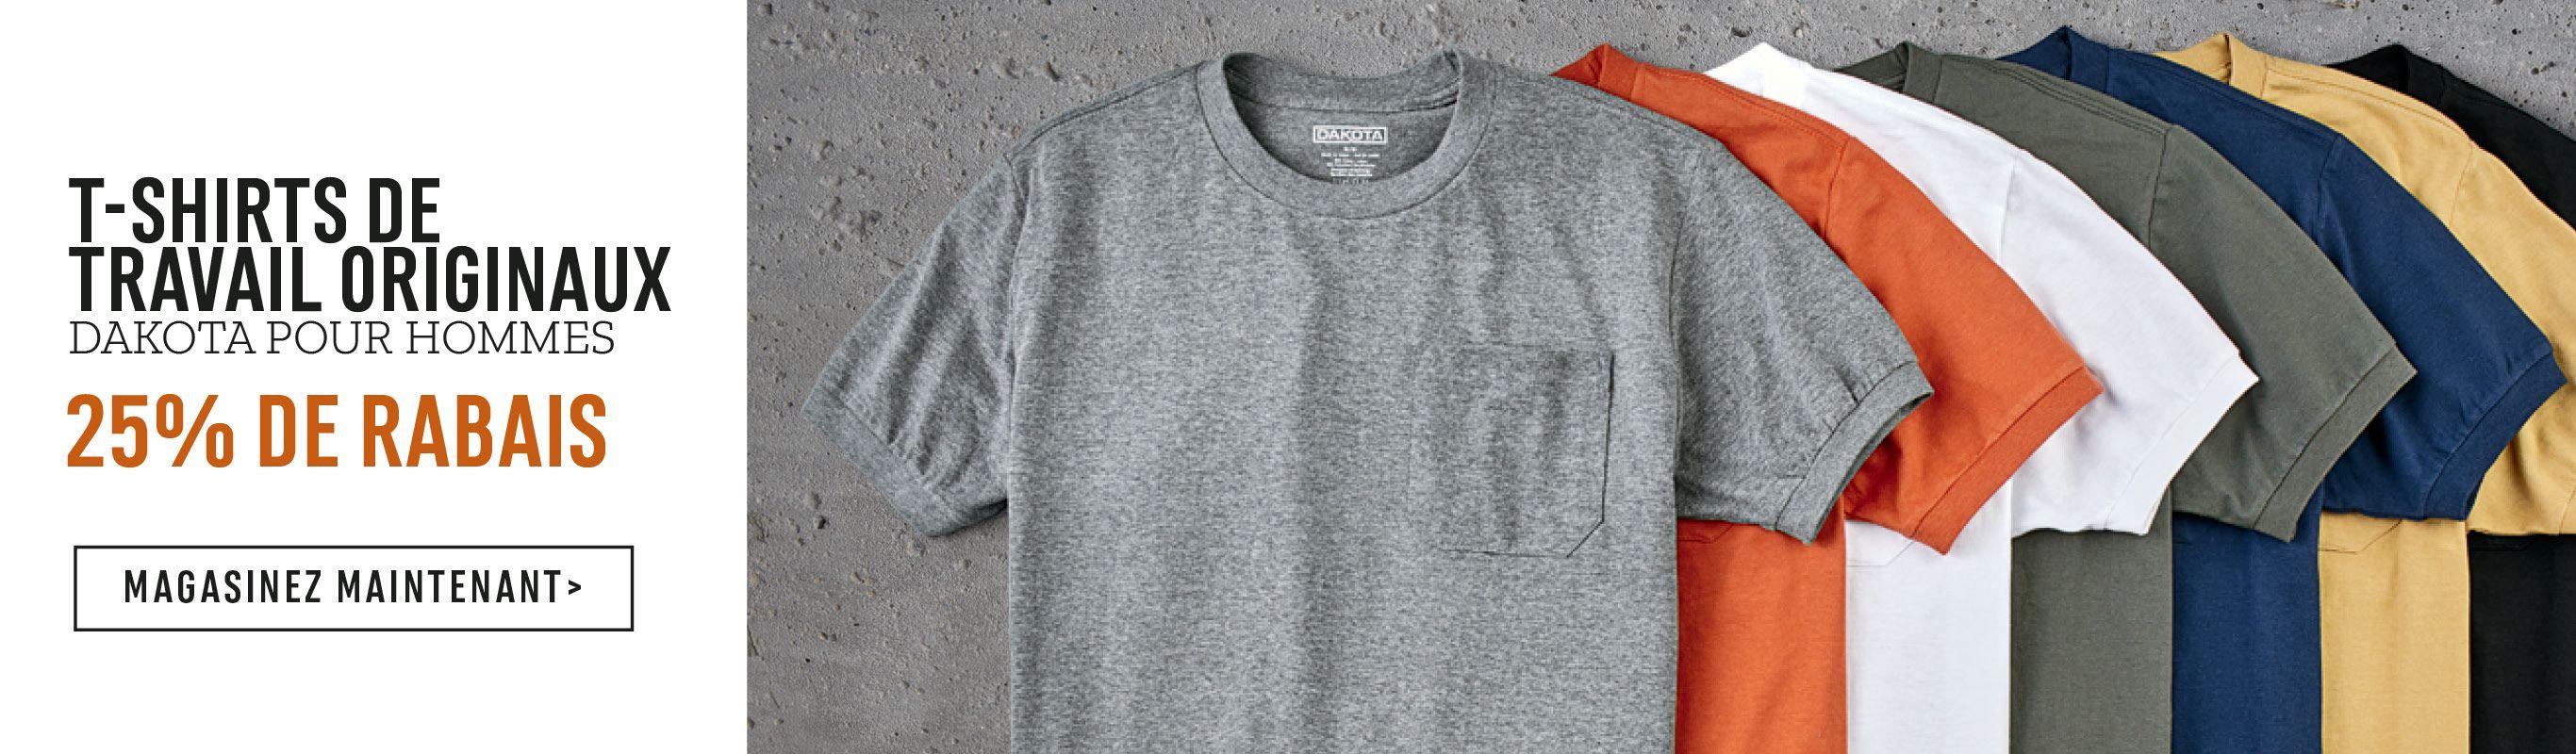 T-Shirts de travail originaux